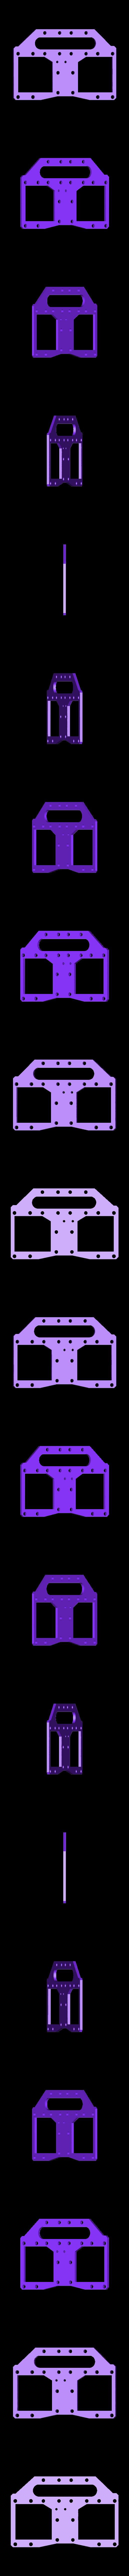 Anet A8 BMG X2 Mount.stl Télécharger fichier STL Plaque de montage Anet A8 Plus Bondtech BMG X2 • Plan pour impression 3D, Junction_Runner